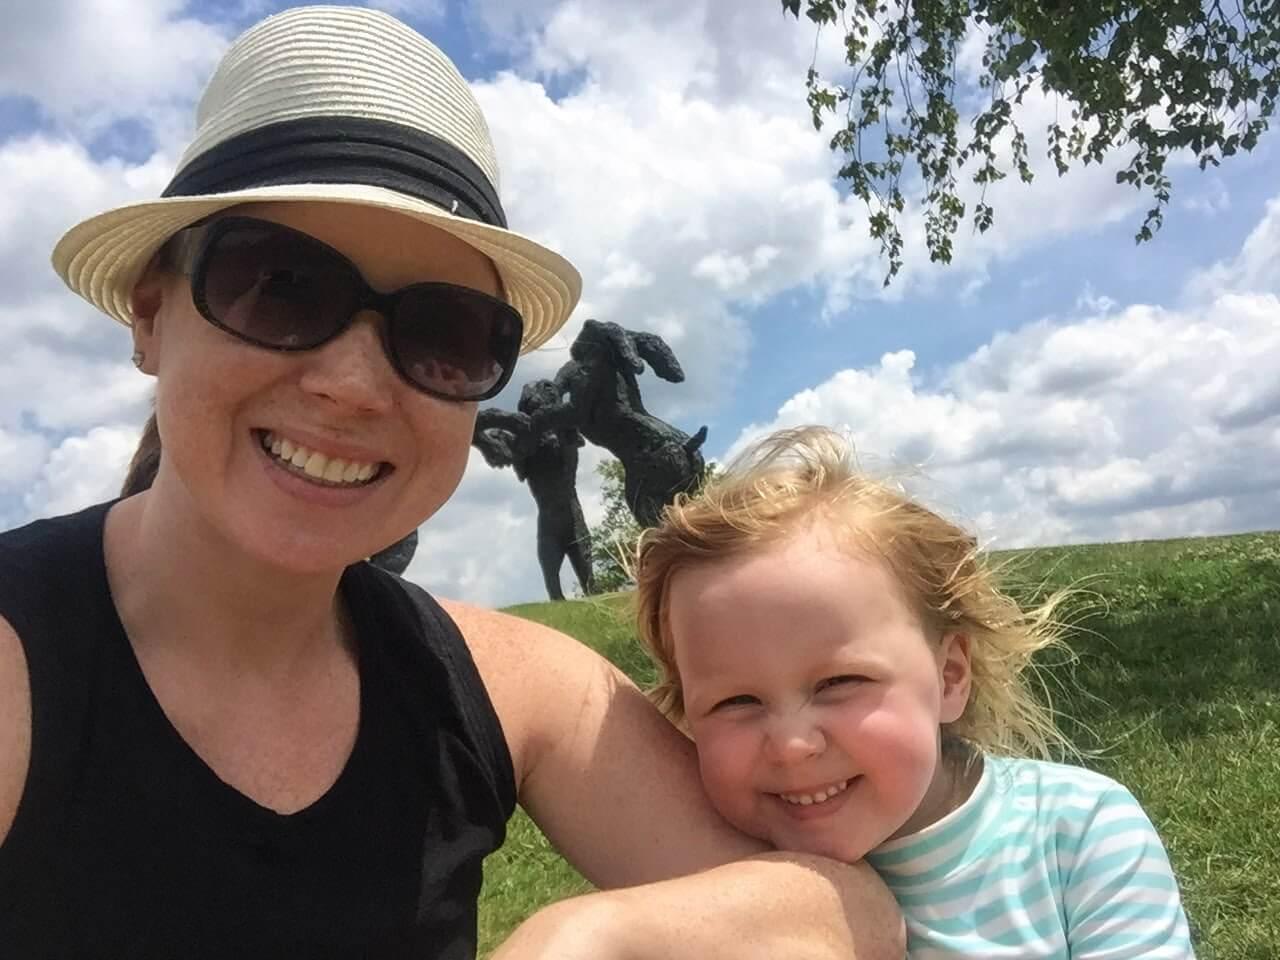 Ballantra Bunny Splash Pad in Columbus Ohio Mom & daughter enjoying